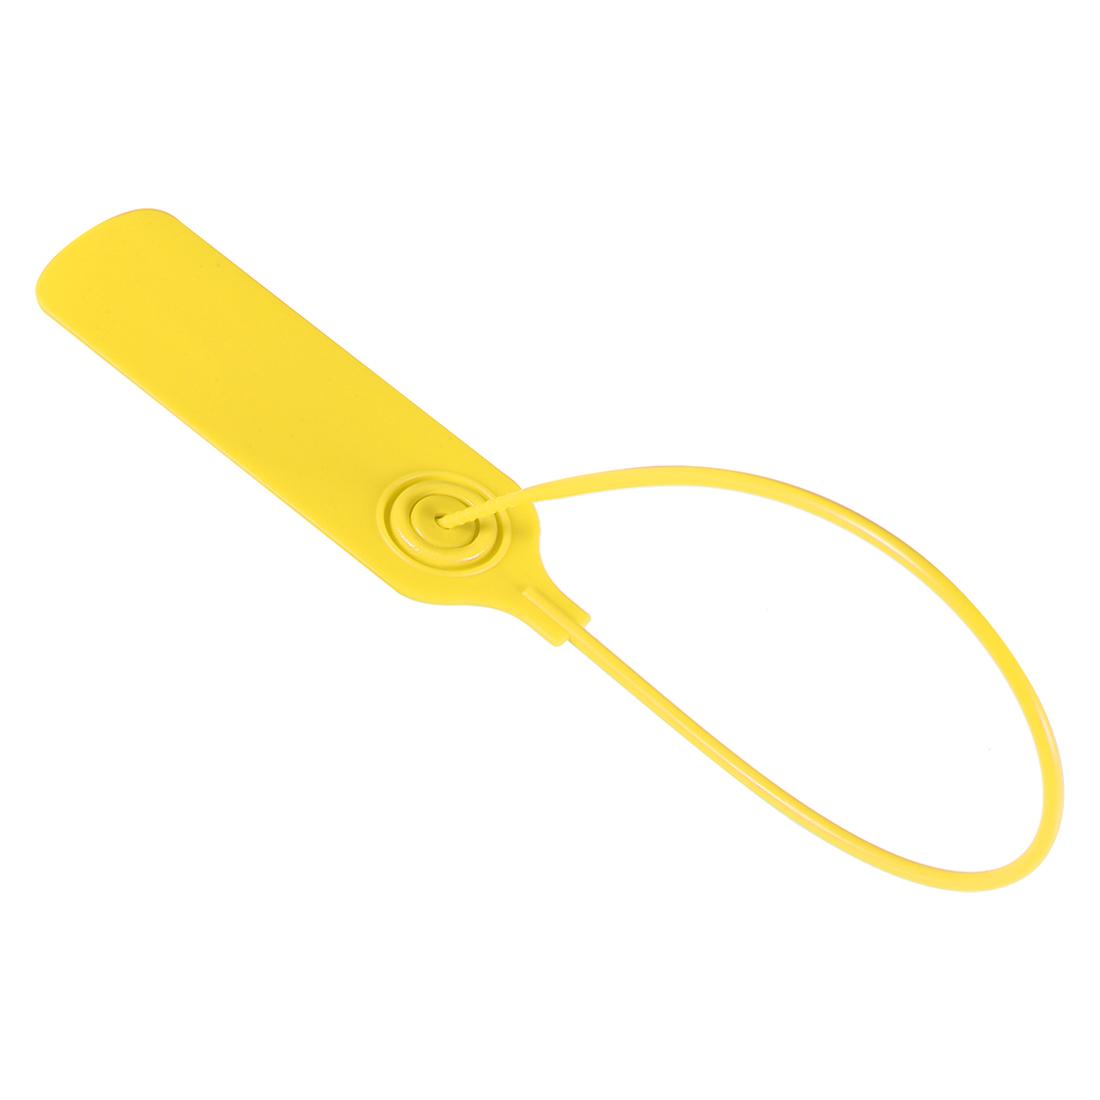 Plastic Zip Ties Seals Anti-Tamper 300mm Length, Yellow, Pack of 100